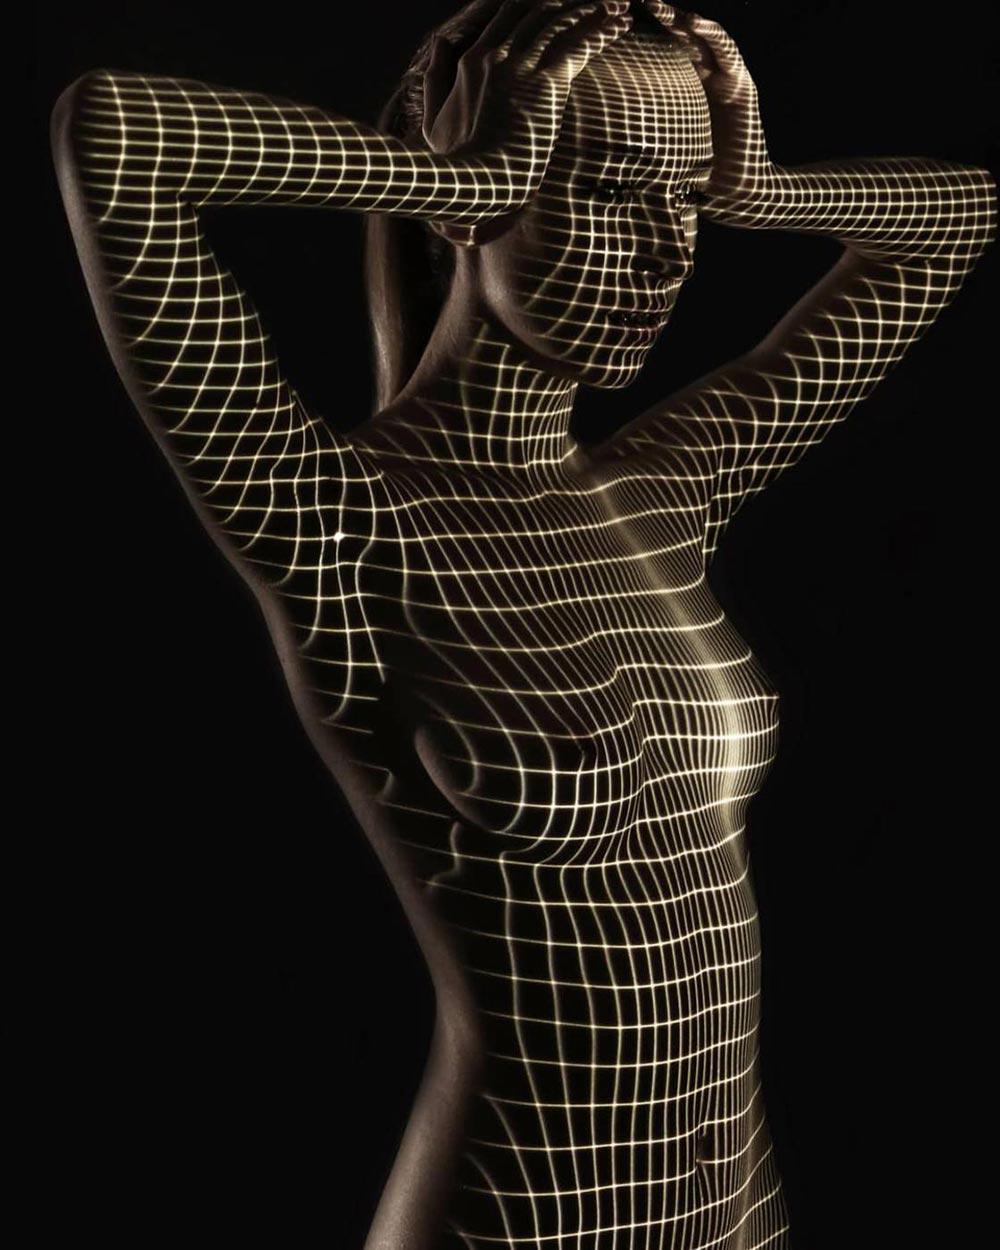 Дани Оливье Dani Olivier чувственный свет геометрические проекции